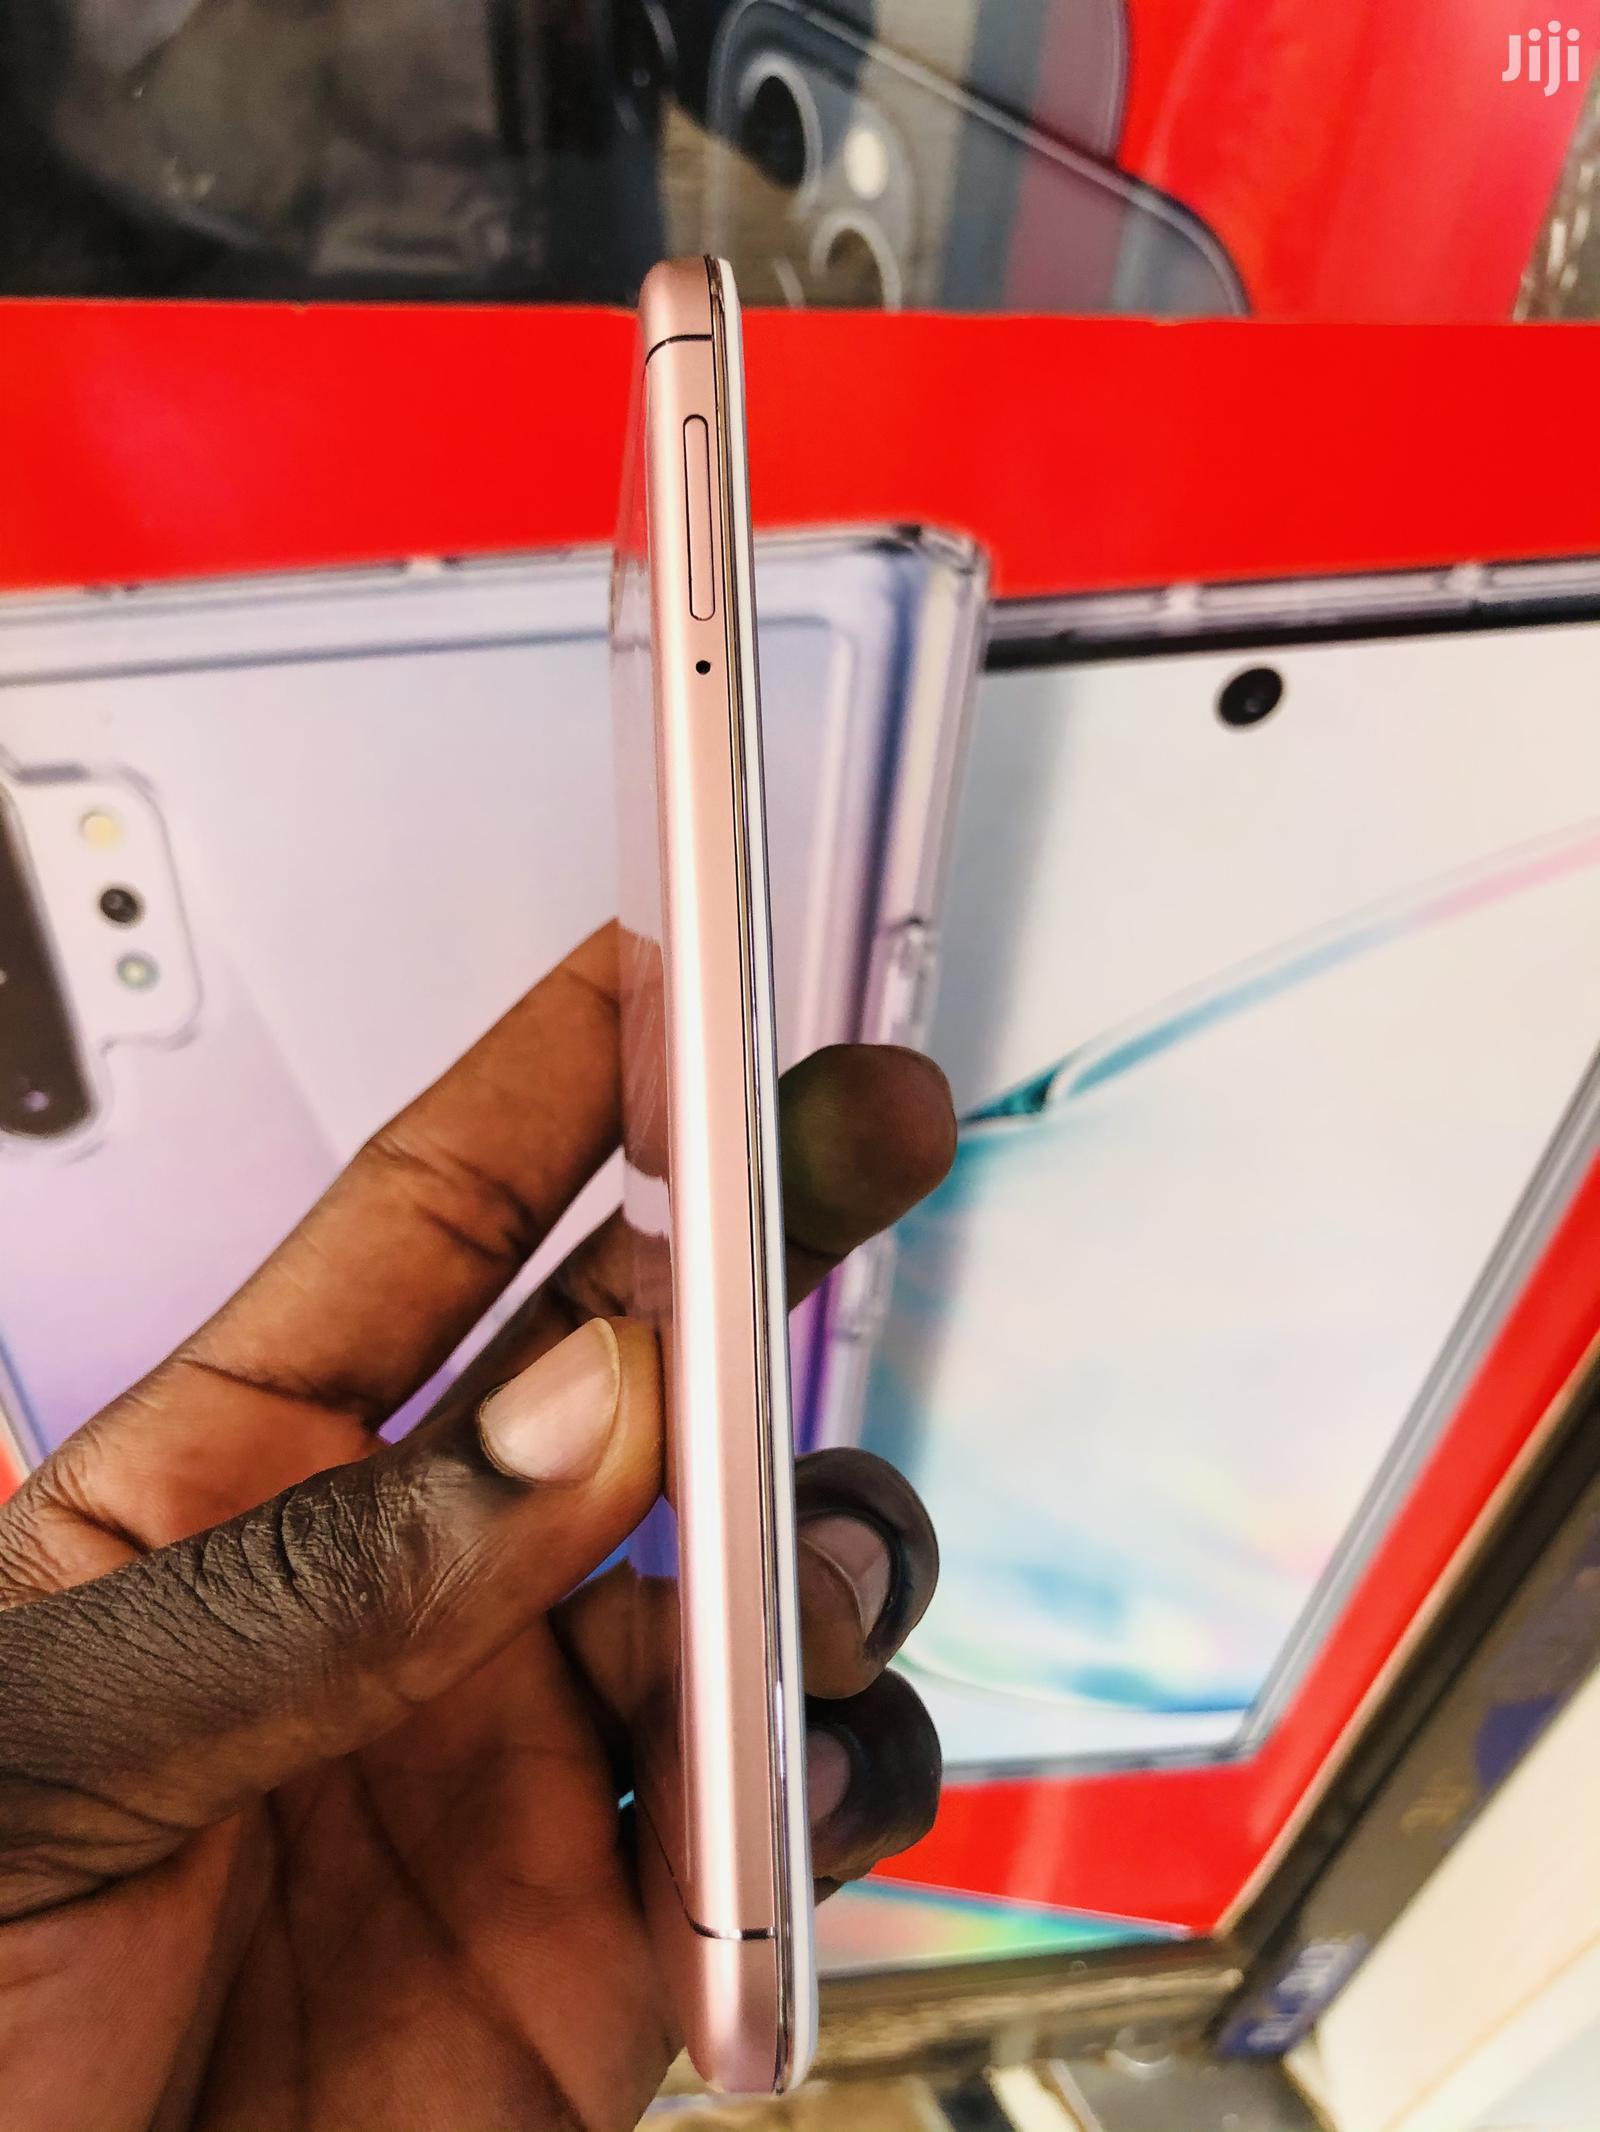 New Vivo Y67 32 GB | Mobile Phones for sale in Kampala, Central Region, Uganda